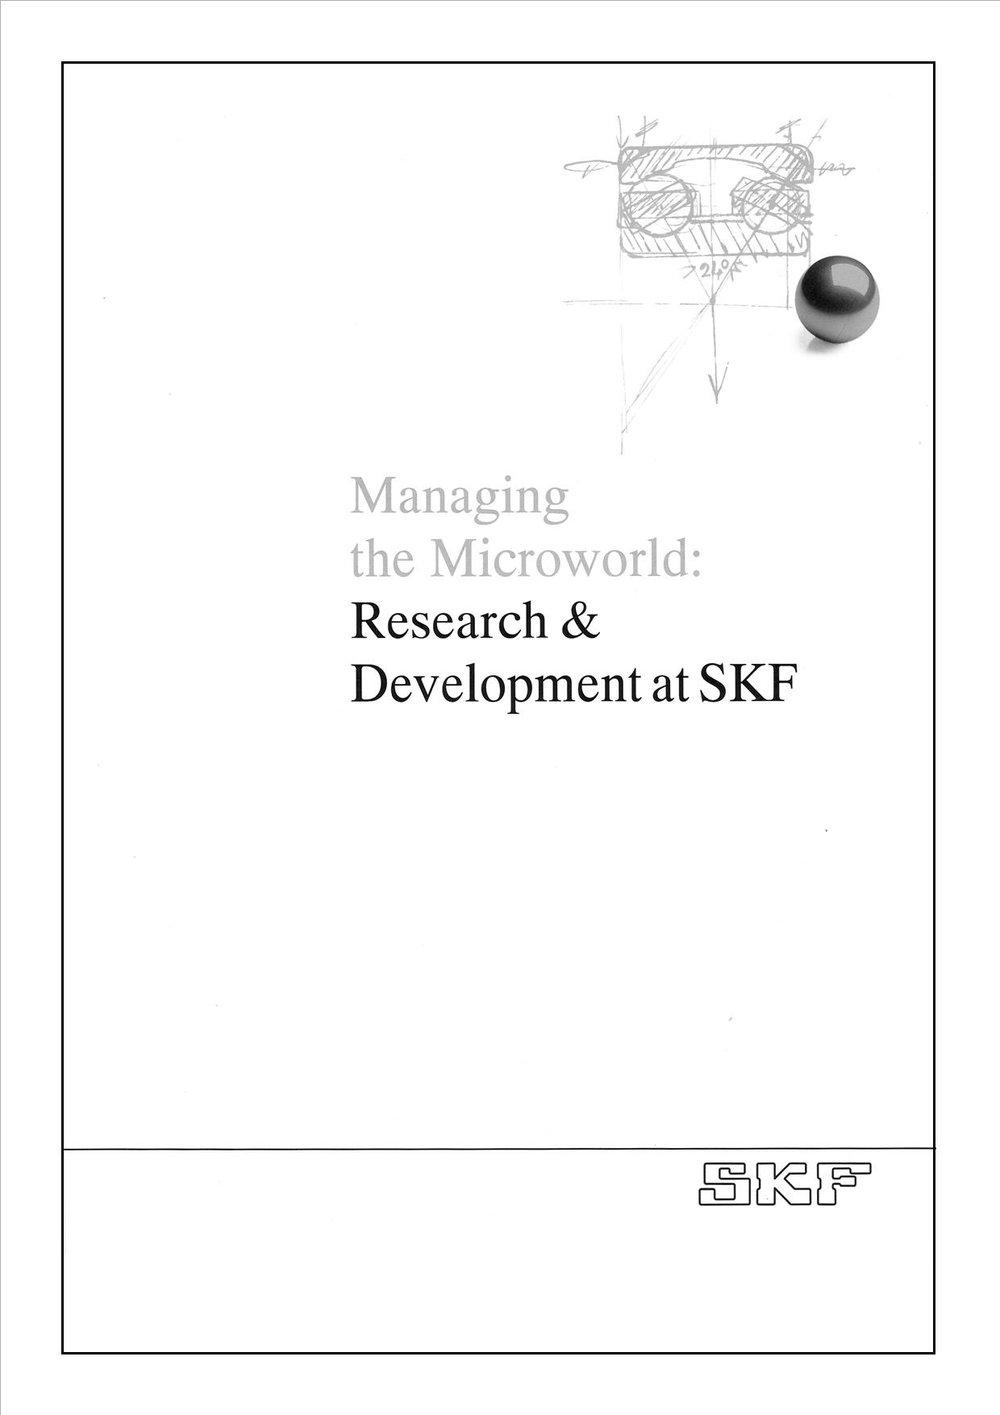 COL_SKF_resbro_cover.JPG